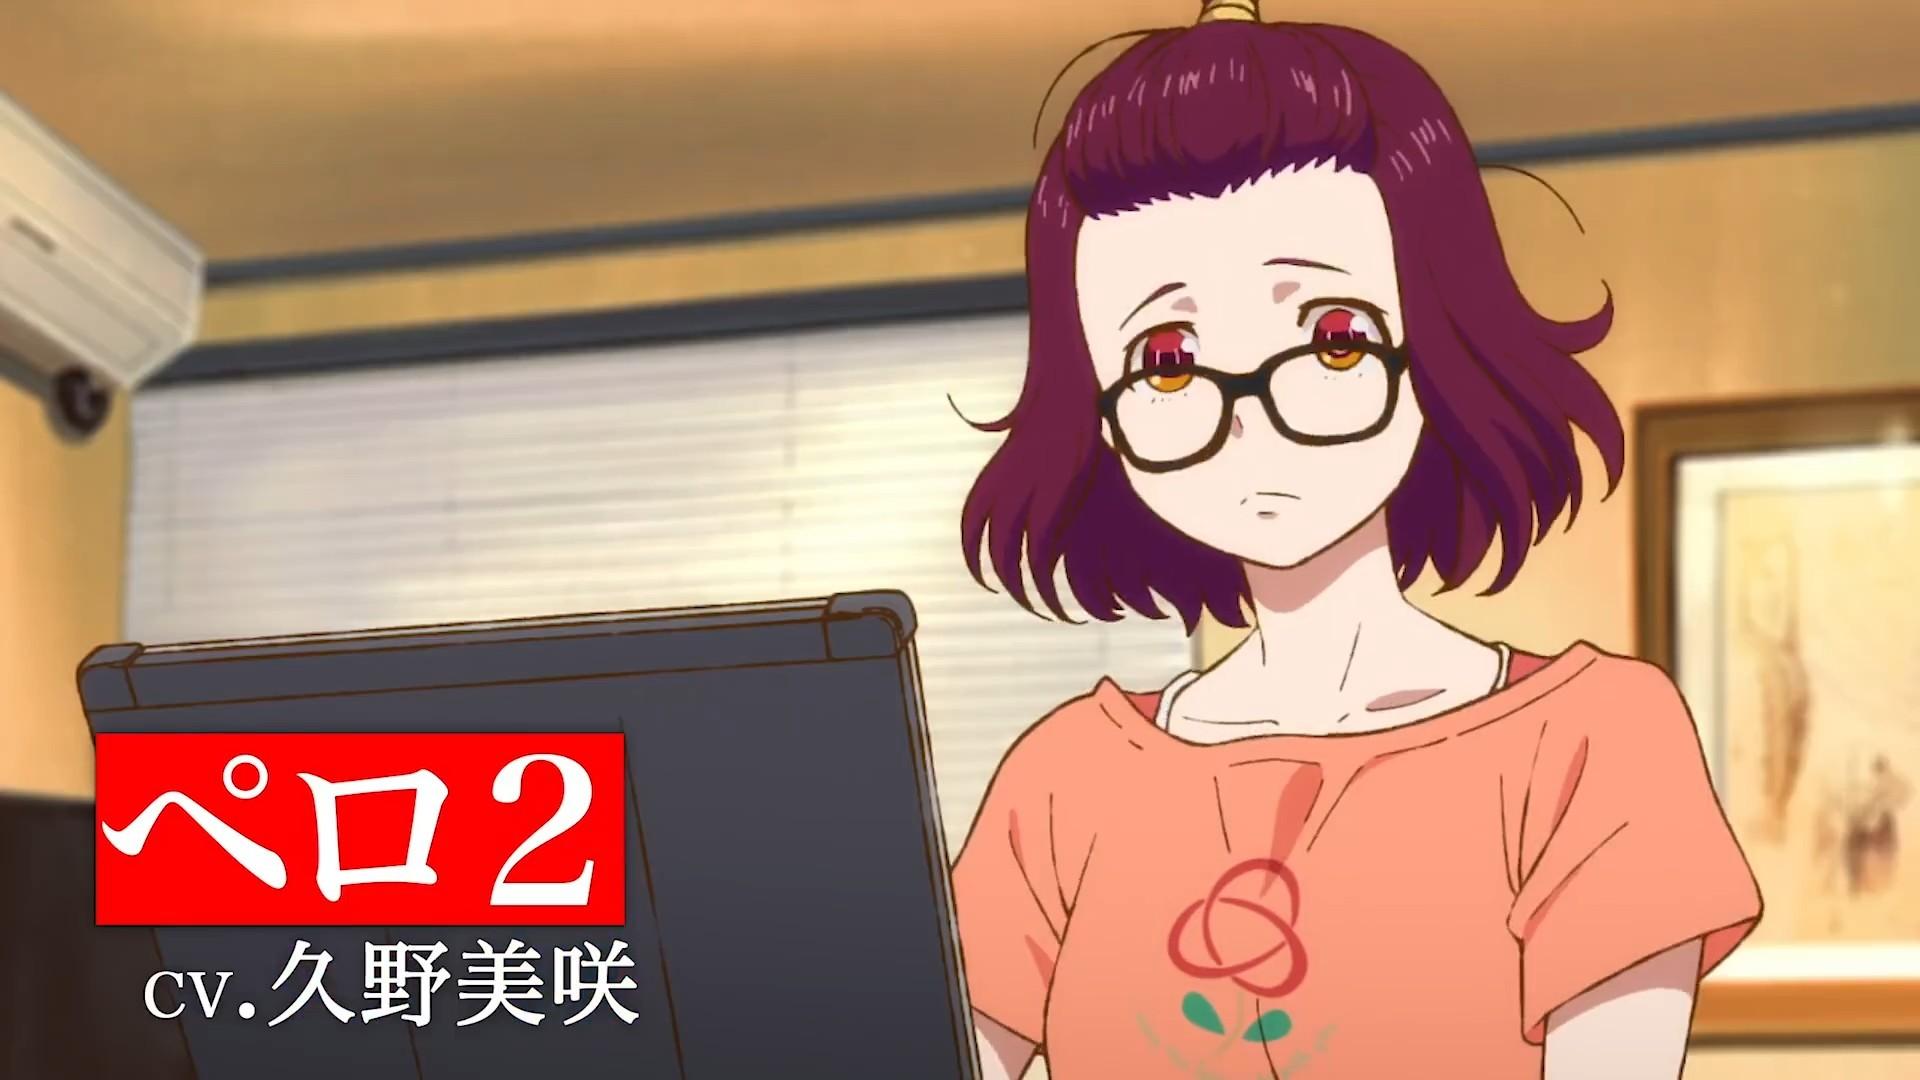 【动漫情报】完全新作TV动画《哥斯拉:奇异点》第2弹PV公开,2021年4月播出